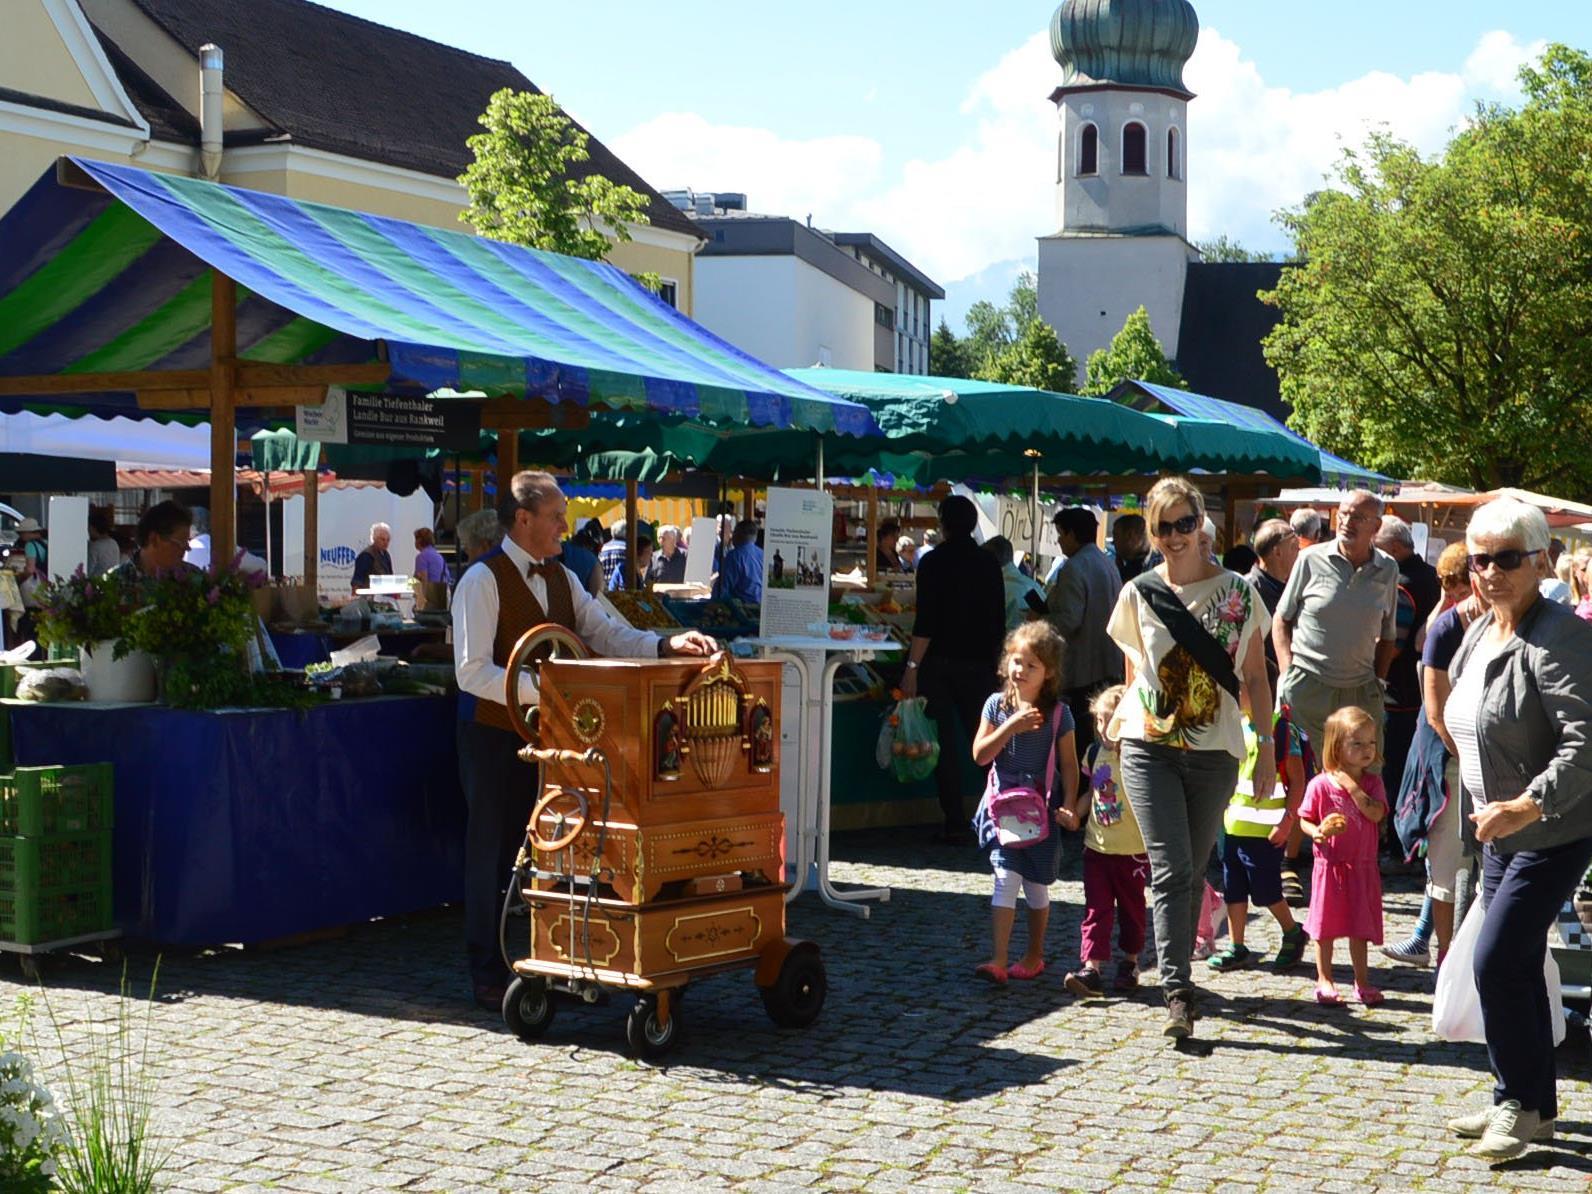 Musik und Unterhaltung beim Marktfest am Mittwoch, 7. Juni, von 8 bis 12 Uhr.